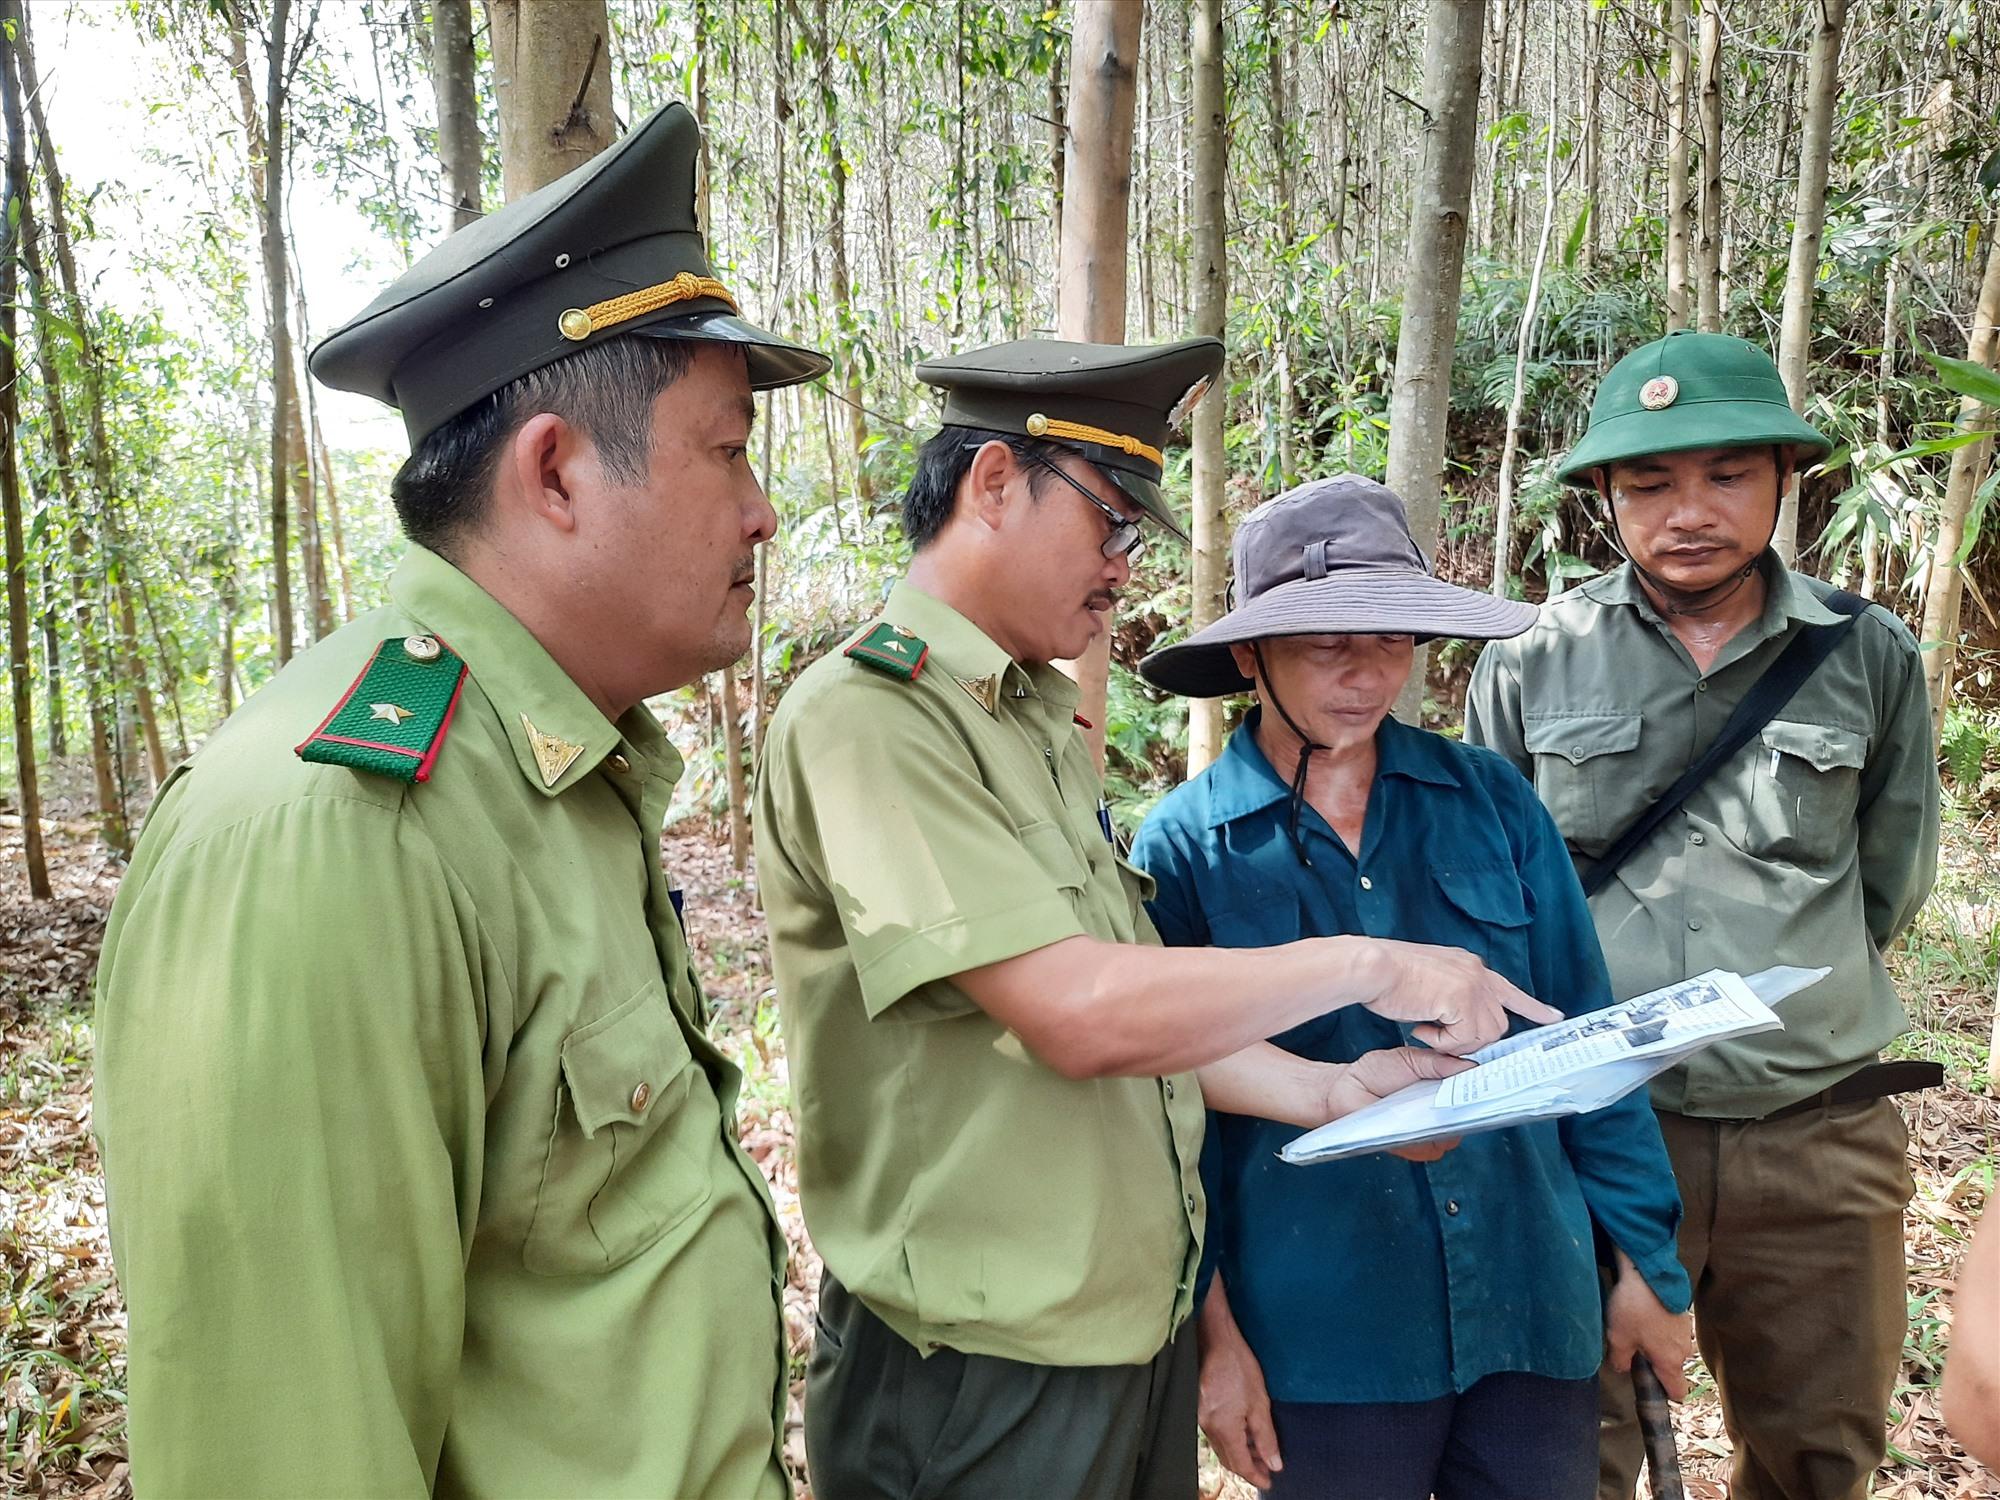 Tuyên truyền kiến thức bảo vệ rừng, phòng cháy chữa cháy rừng cho người dân. Ảnh: Đ. Q